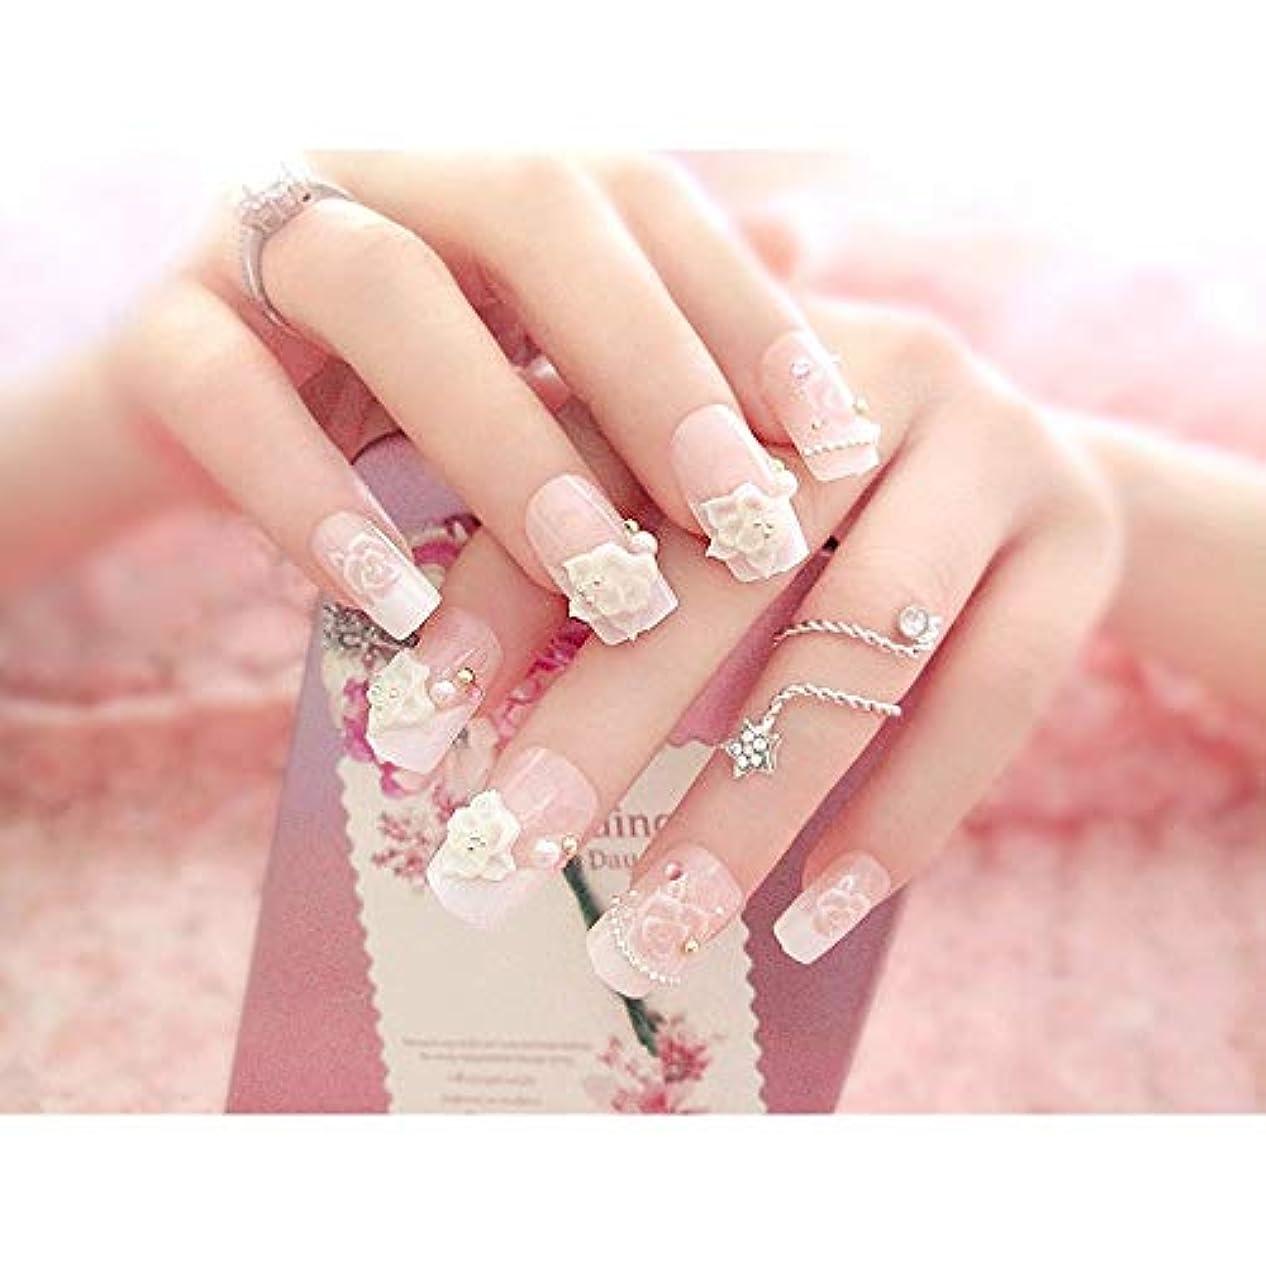 はぁスリット抱擁HOHYLLYA ホワイト+ピンクは、偽の釘24ピース箱入りフェイクネイルパール花の花嫁ネイルステッカーを完成しました (色 : 24 pieces)